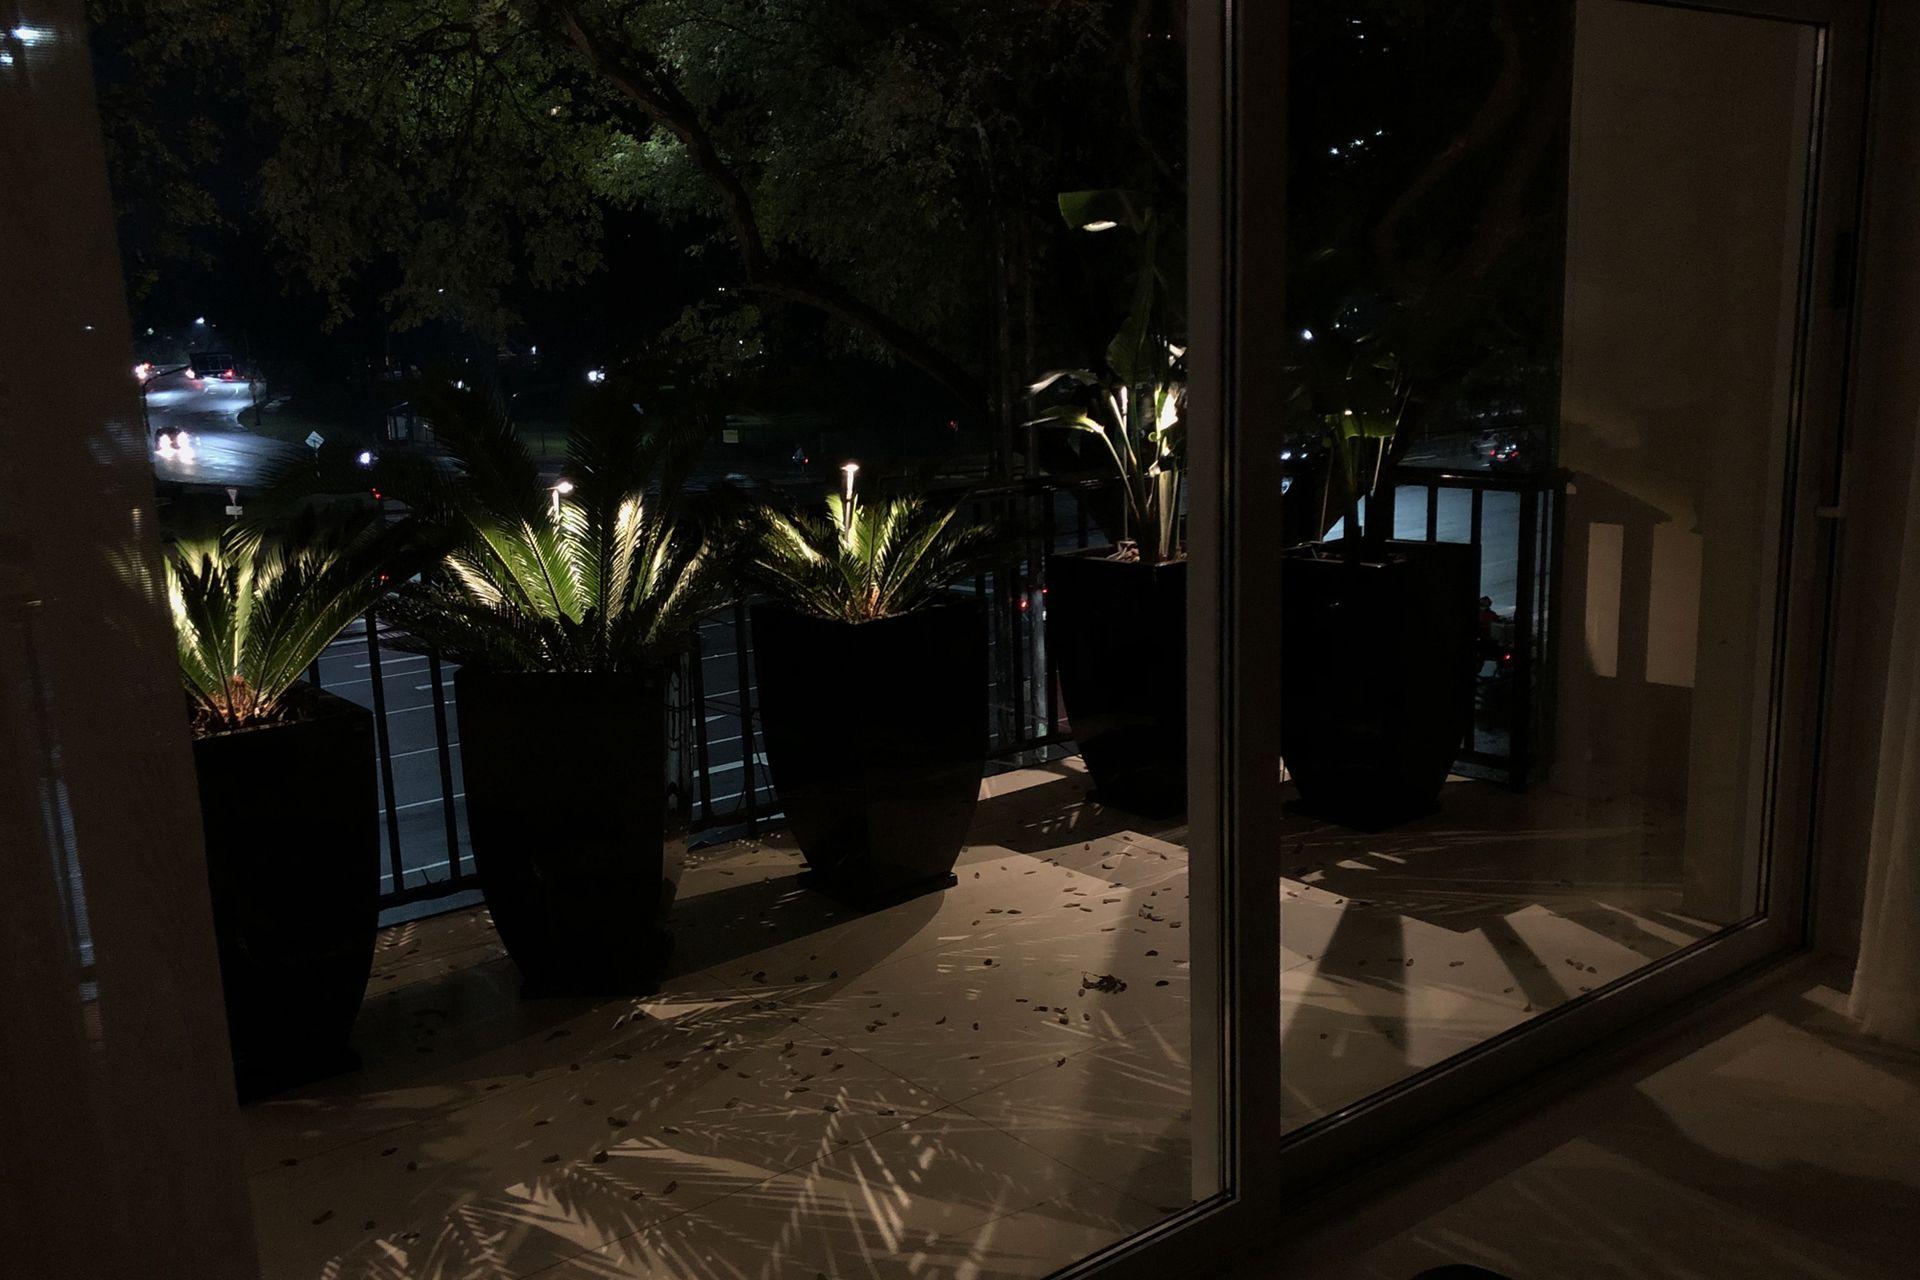 """La premisa es tratar de llegar a las macetas con luces auxiliares que les den belleza. """"Cuanto más ilumines las plantas, mejor te vas a sentir en el balcón"""", asegura. Rubén Amsel."""